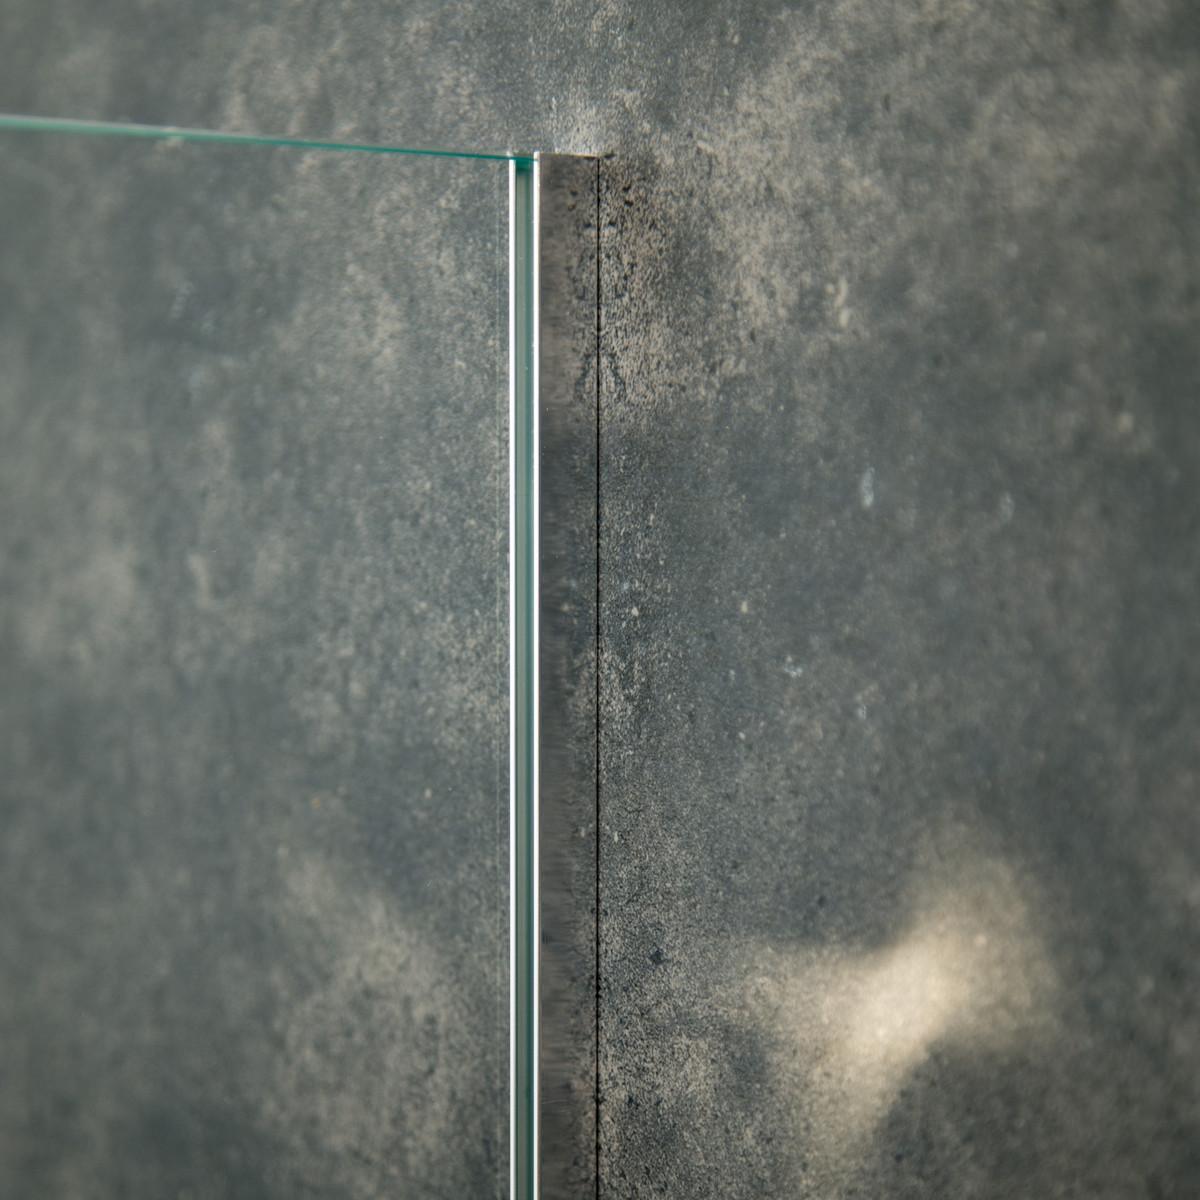 Aluminium U-Wandprofil, 2010 x 10 x 10 x 10 x 1mm, Chrom/VA/Matt